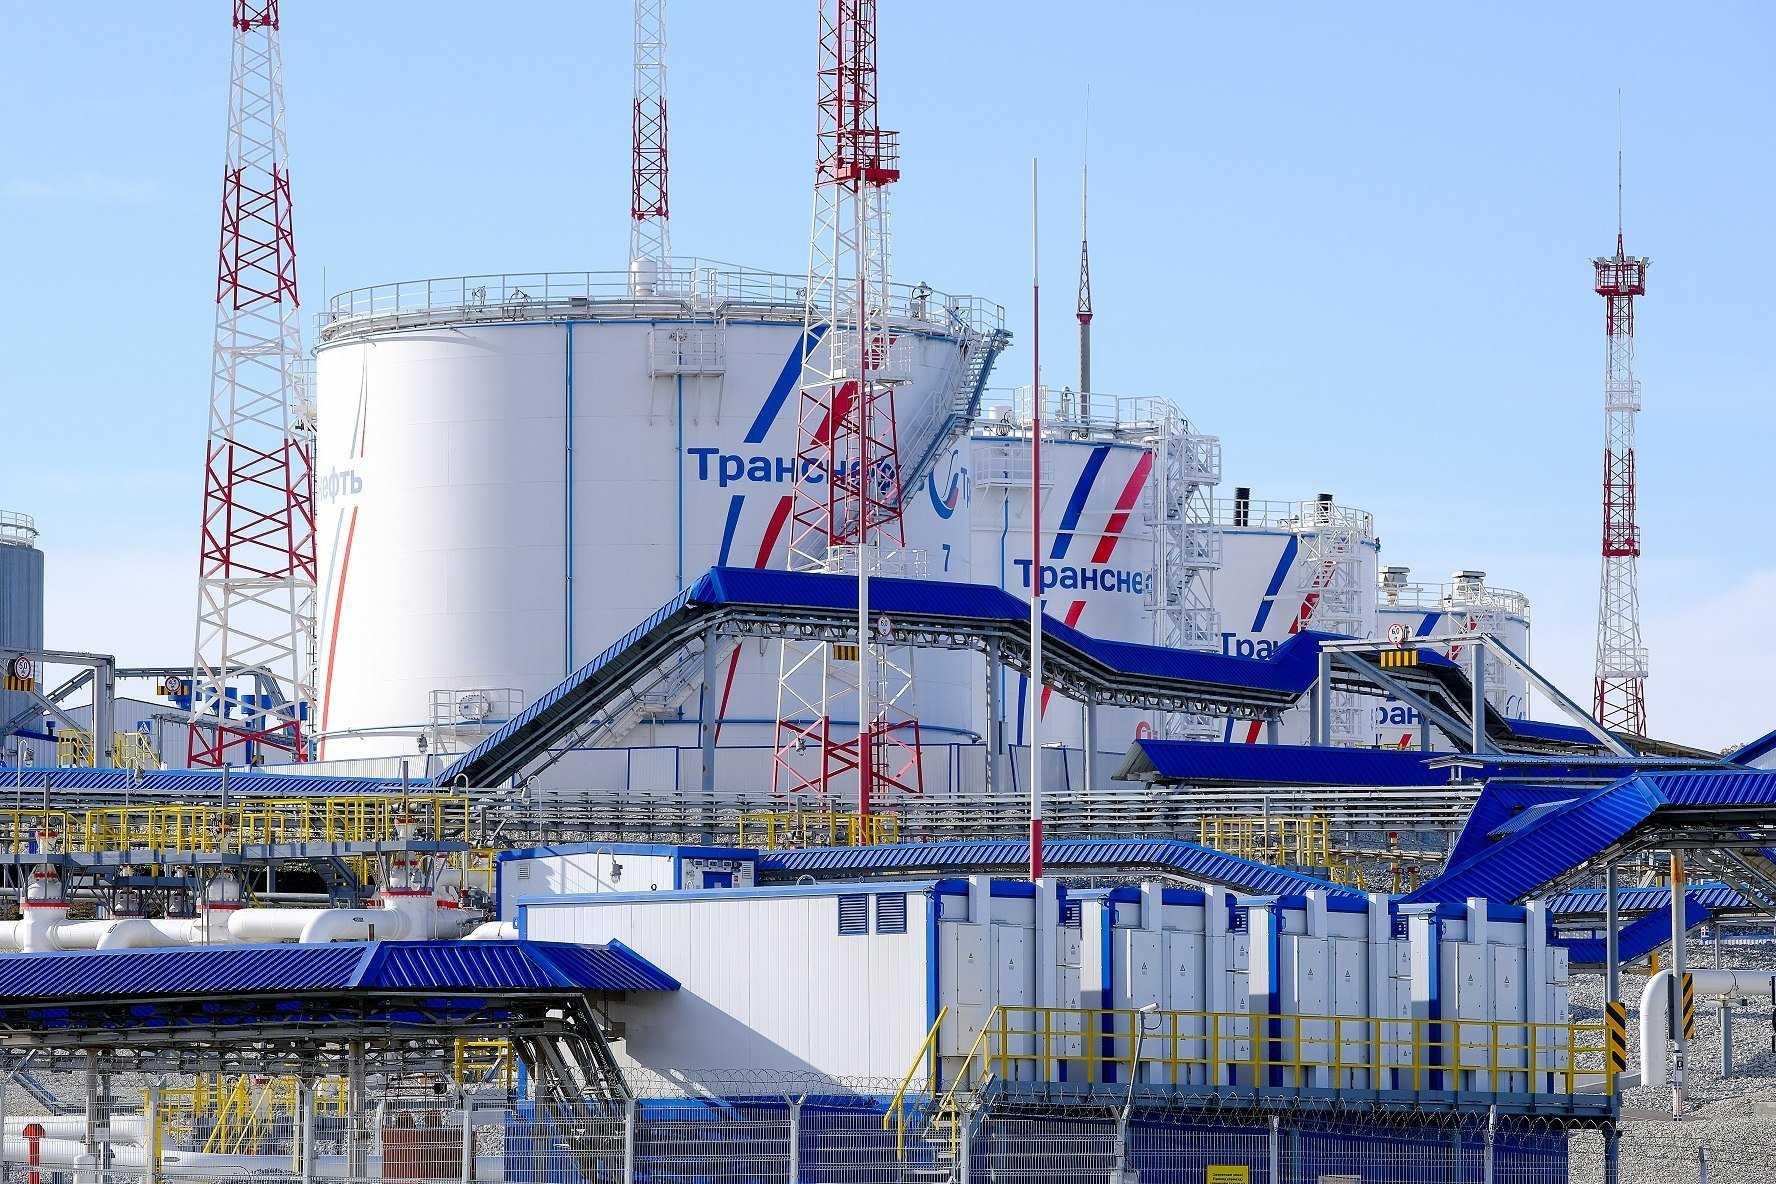 В Новороссийске из-за шторма остановили отгрузку нефти